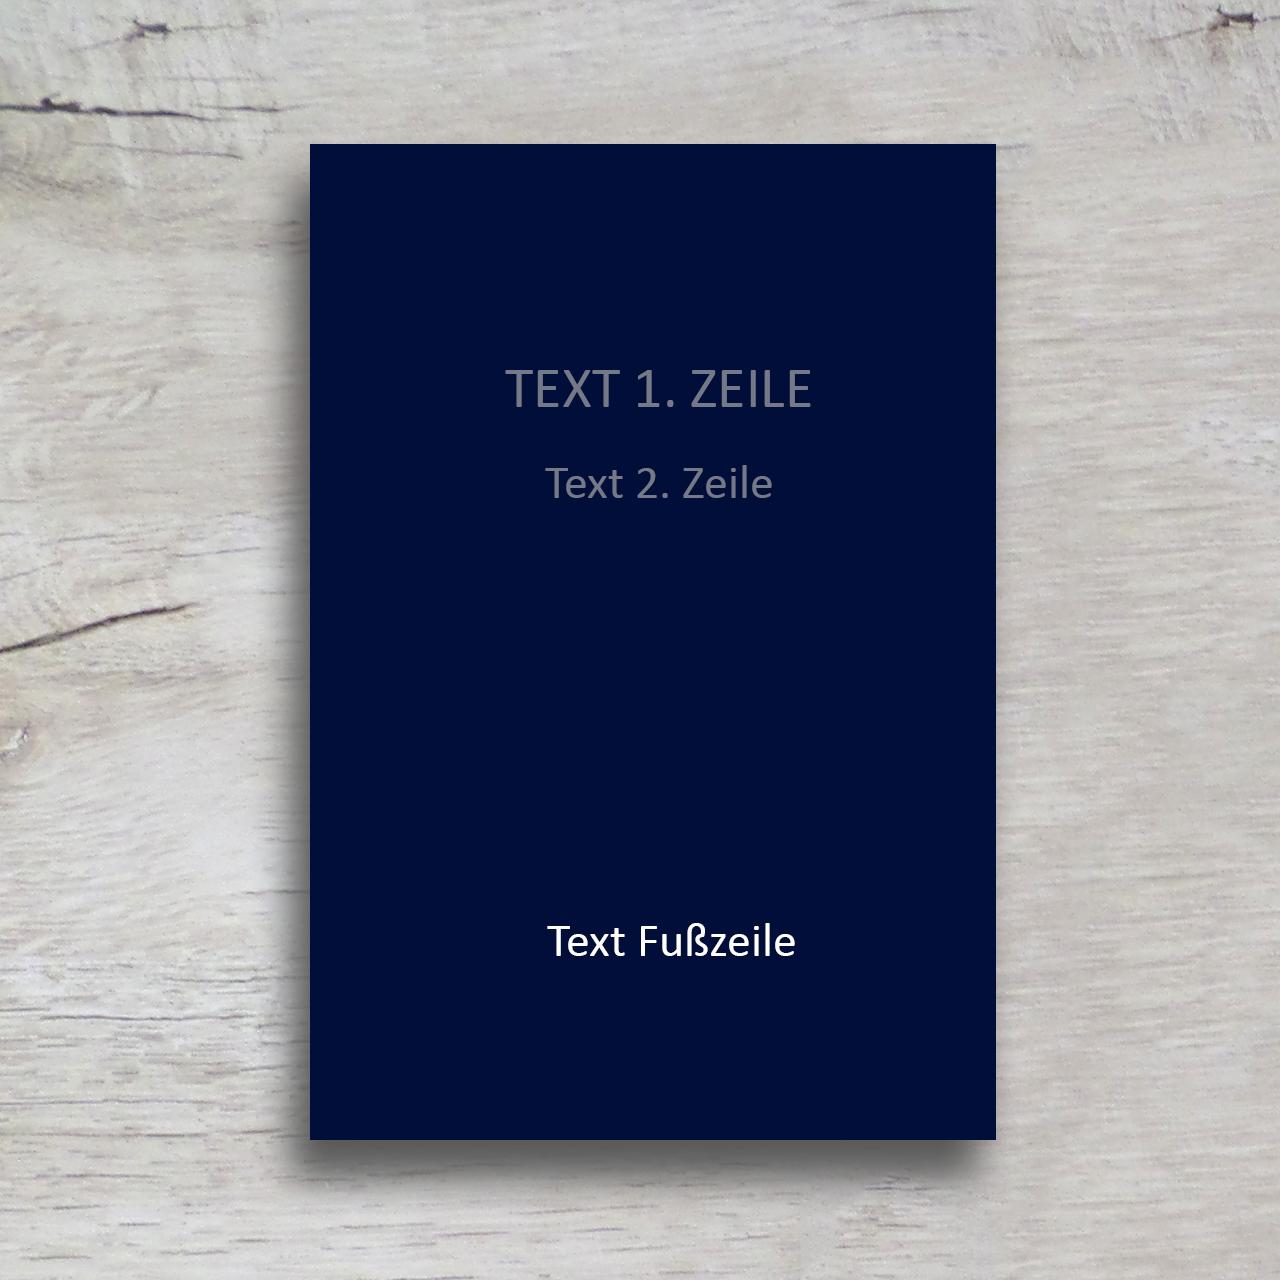 Bild-Text-3-Zeile